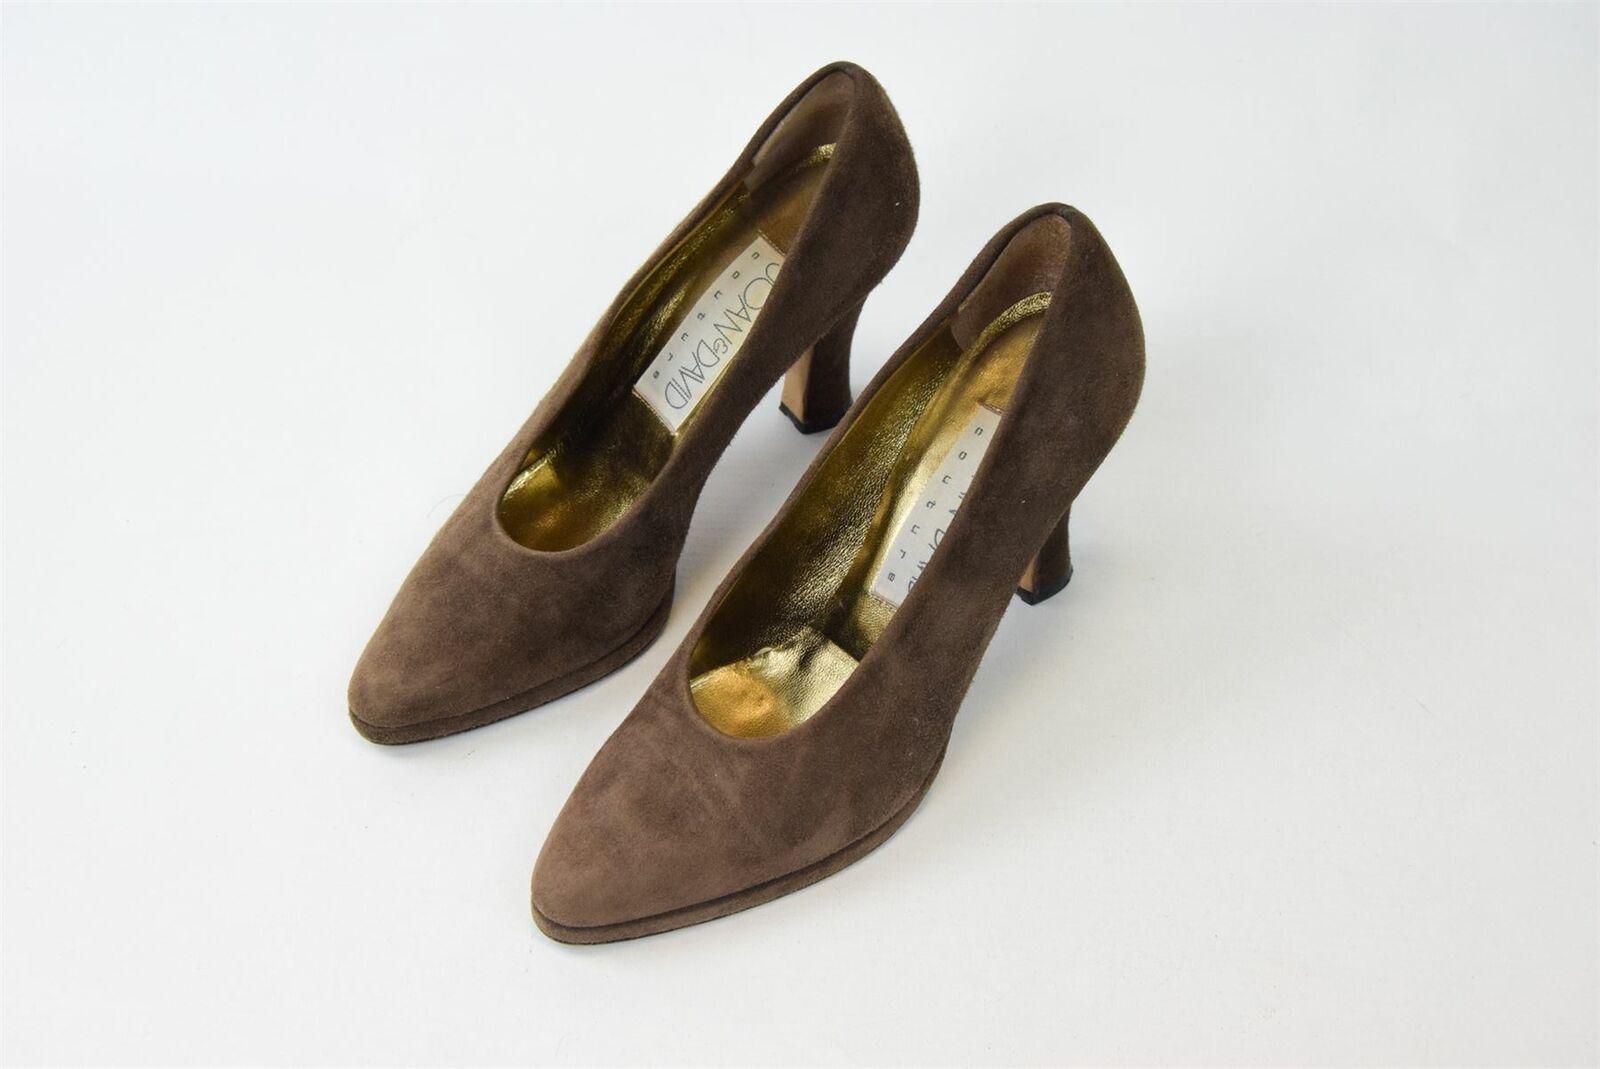 JOAN & DAVID Brown Suede Heels, UK 3.5 US 6.5 EU 36.5 HEELS 3